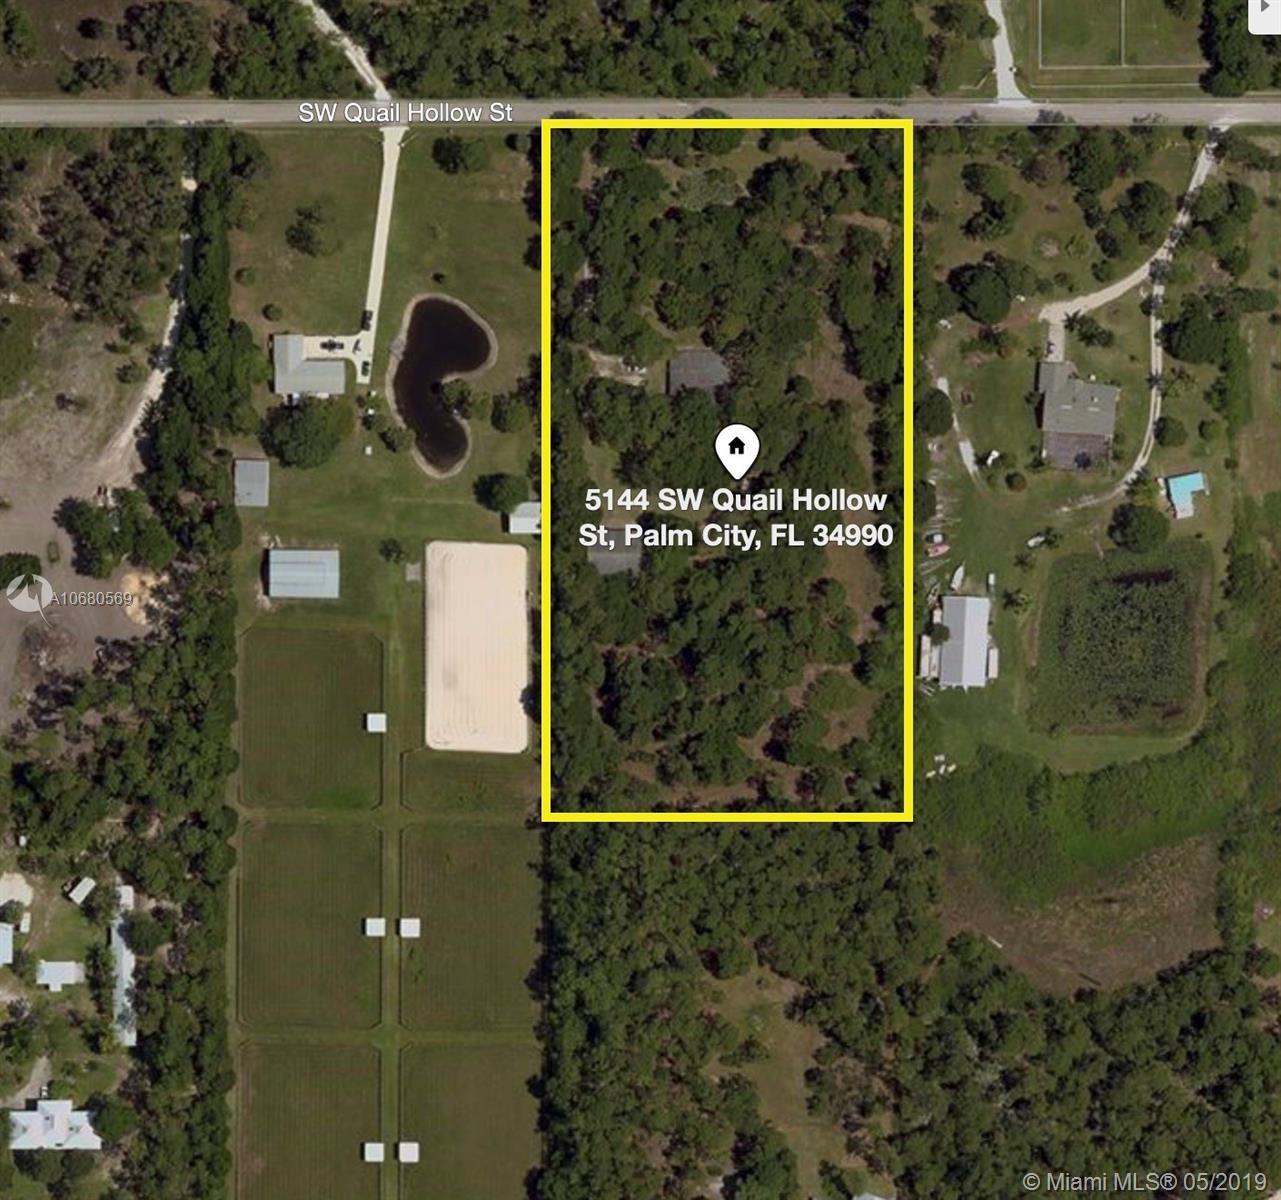 5144 SW Quail Hollow St, Palm City, FL 34990